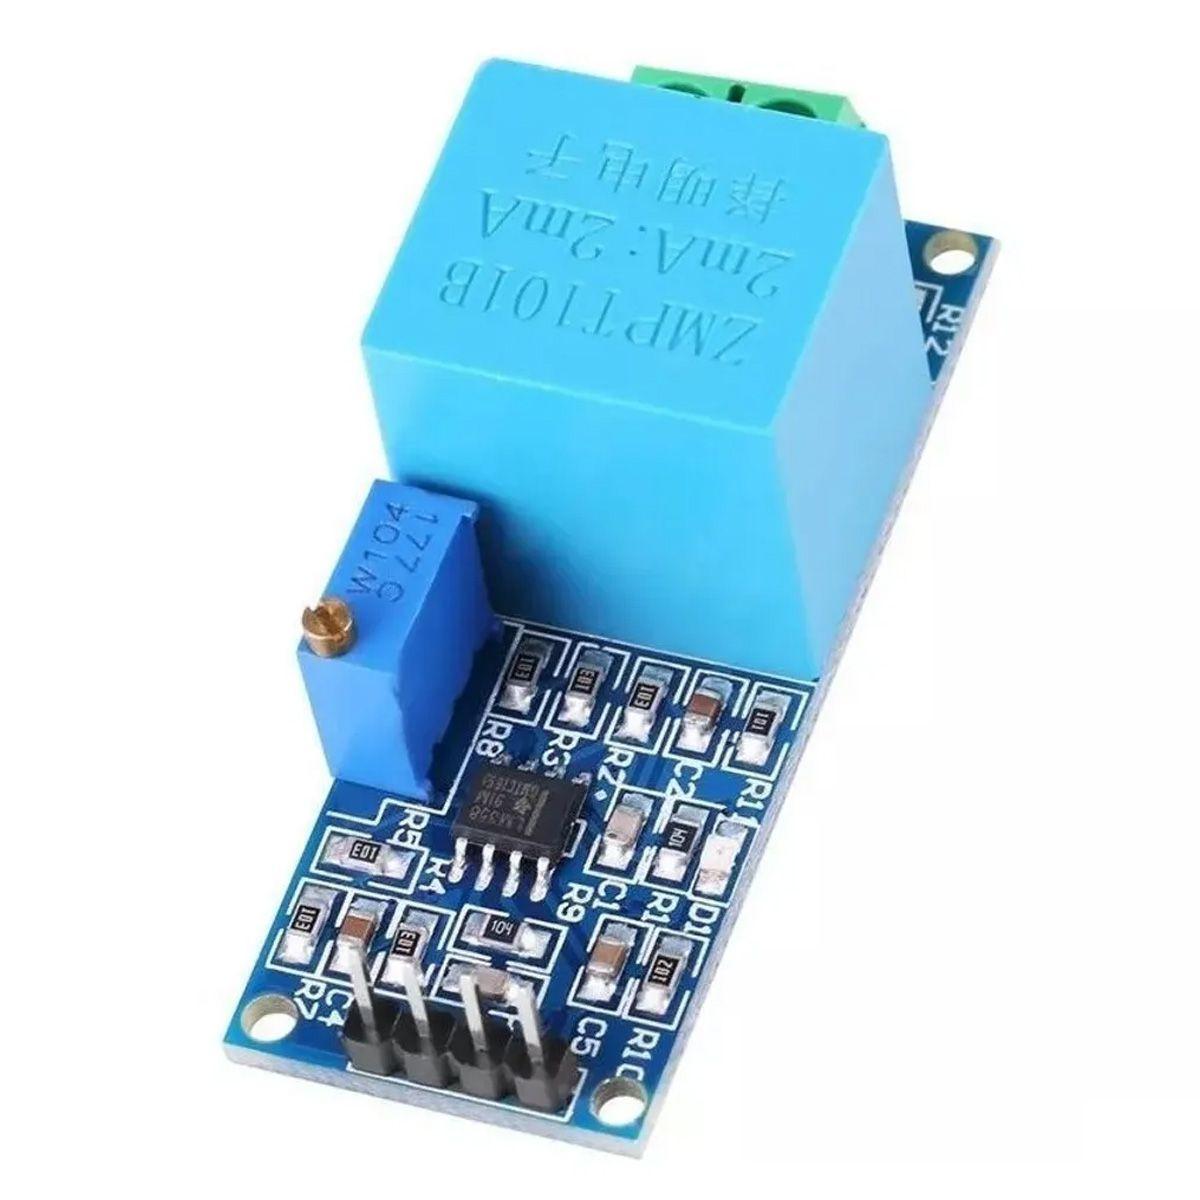 2x Sensor de Tensão AC 0 a 250V Voltímetro ZMPT101B